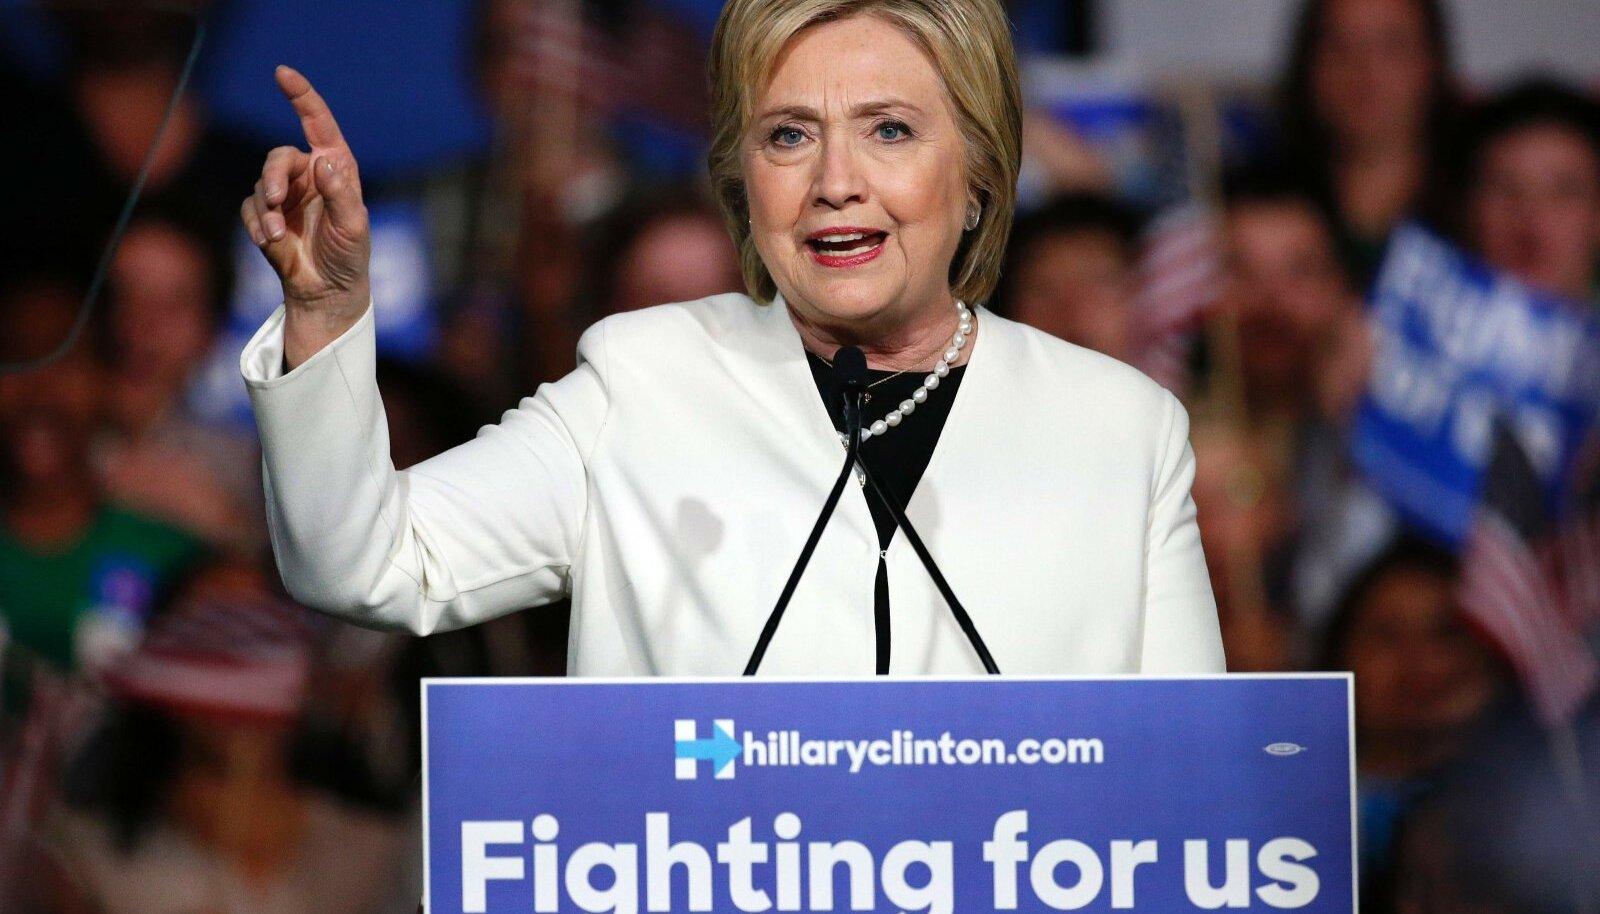 Demokraatide eelmine presidendikandidaat Hillary Clinton eelistas möödunud valimiste ajal kanda valget pükskostüümi ja seda lausa nii sageli, et sellest sai nüüdisaegse feminismi sümbol.